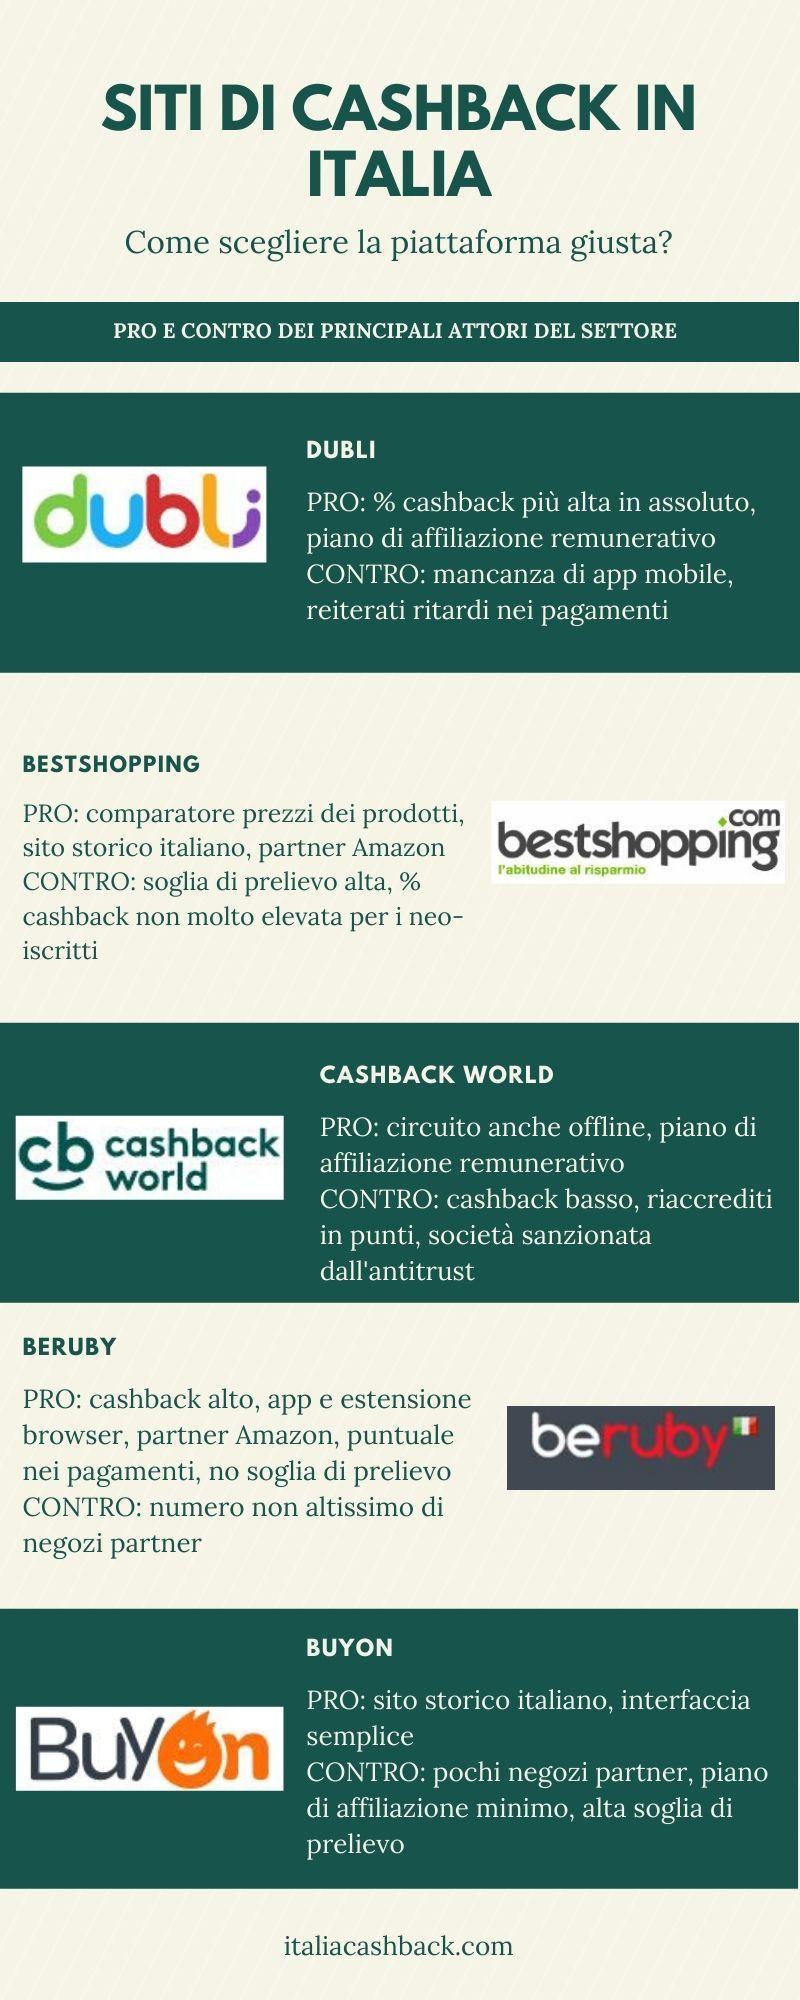 Infografica siti di cashback in Italia